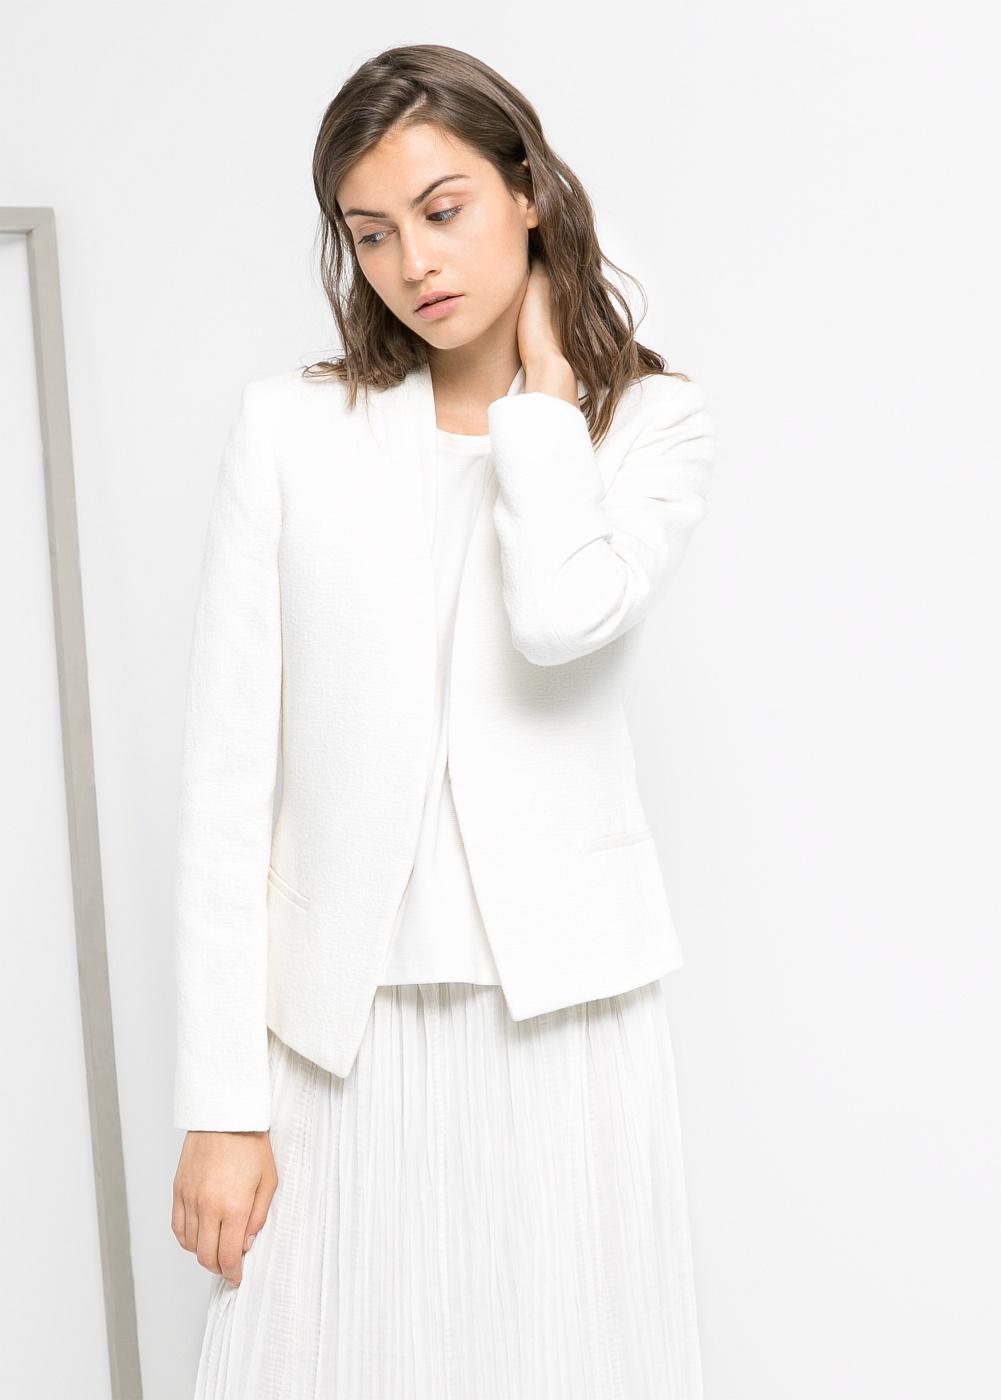 Mariez nos vestes et vestons à votre look bureau classique ou à votre style élégance urbaine en les agençant à vos jupes et pantalons.